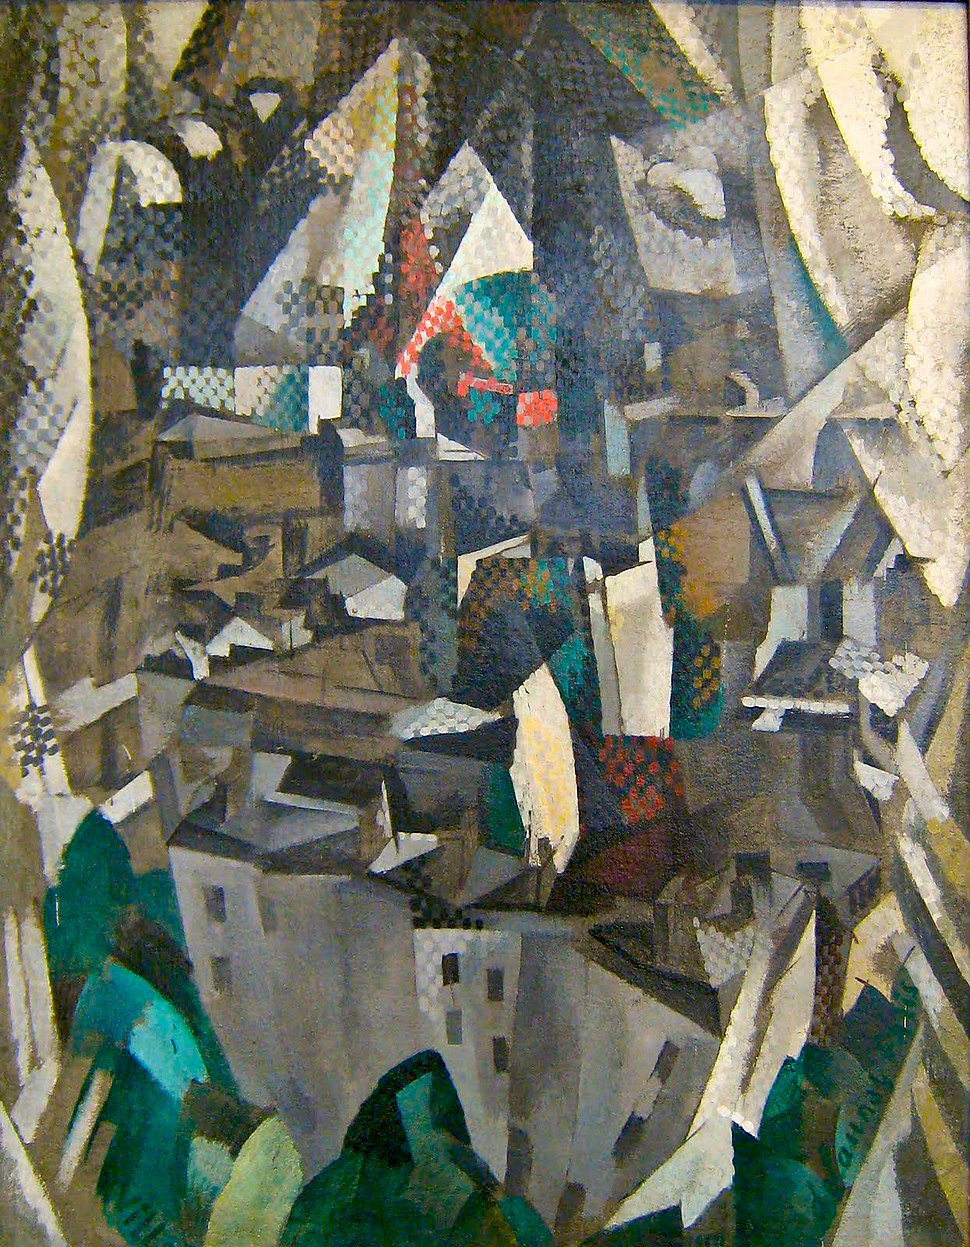 Robert Delaunay, 1910, La ville no. 2, oil on canvas, 146 x 114 cm, Musée National d'Art Moderne, Centre Georges Pompidou, Paris